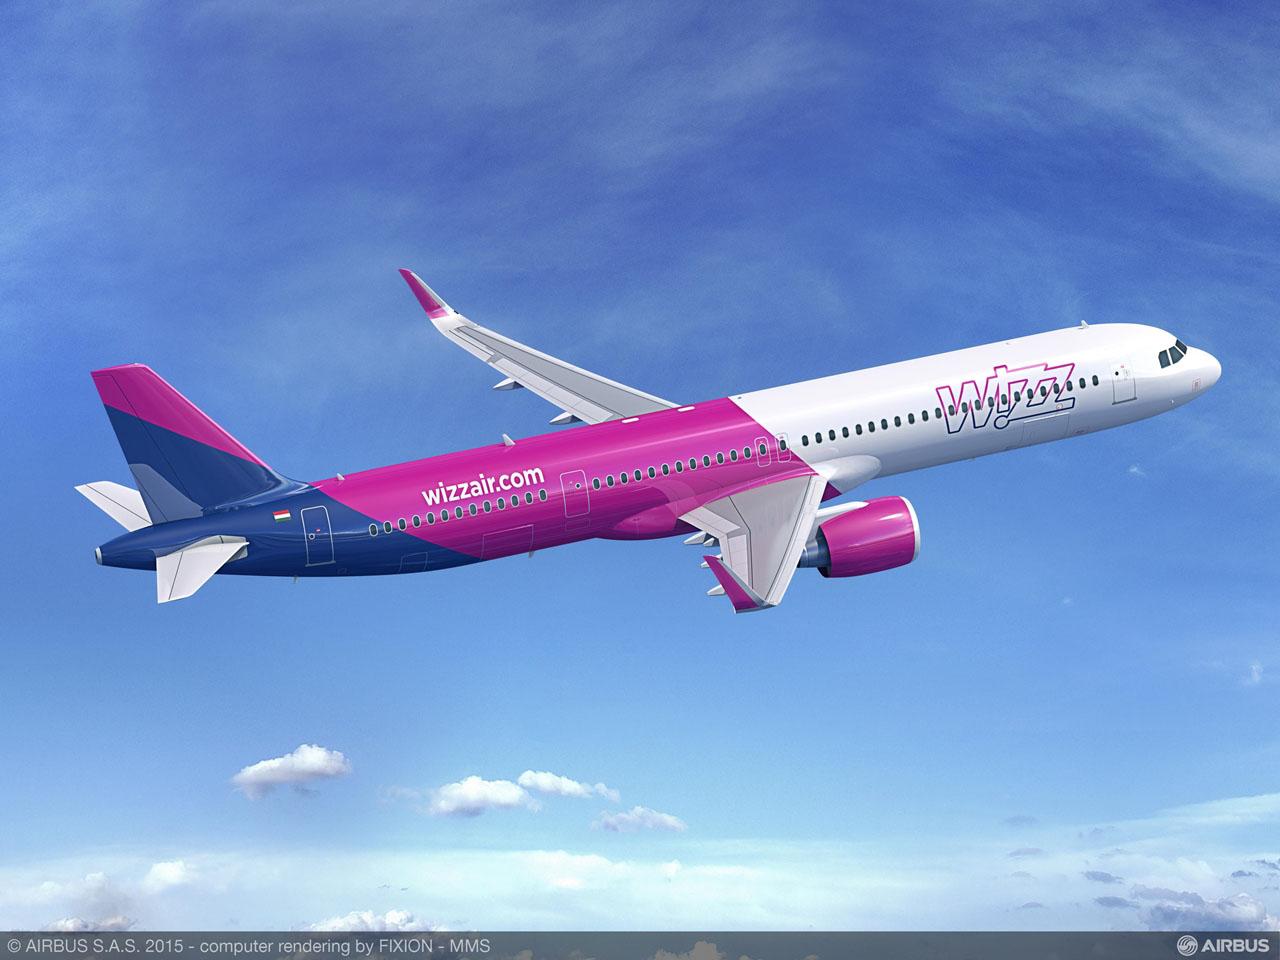 A321neo a Wizz Air színeiben az új ajtókiosztással, két-két szárny feletti vészkijárattal. (Forrás: Airbus) | © AIRportal.hu